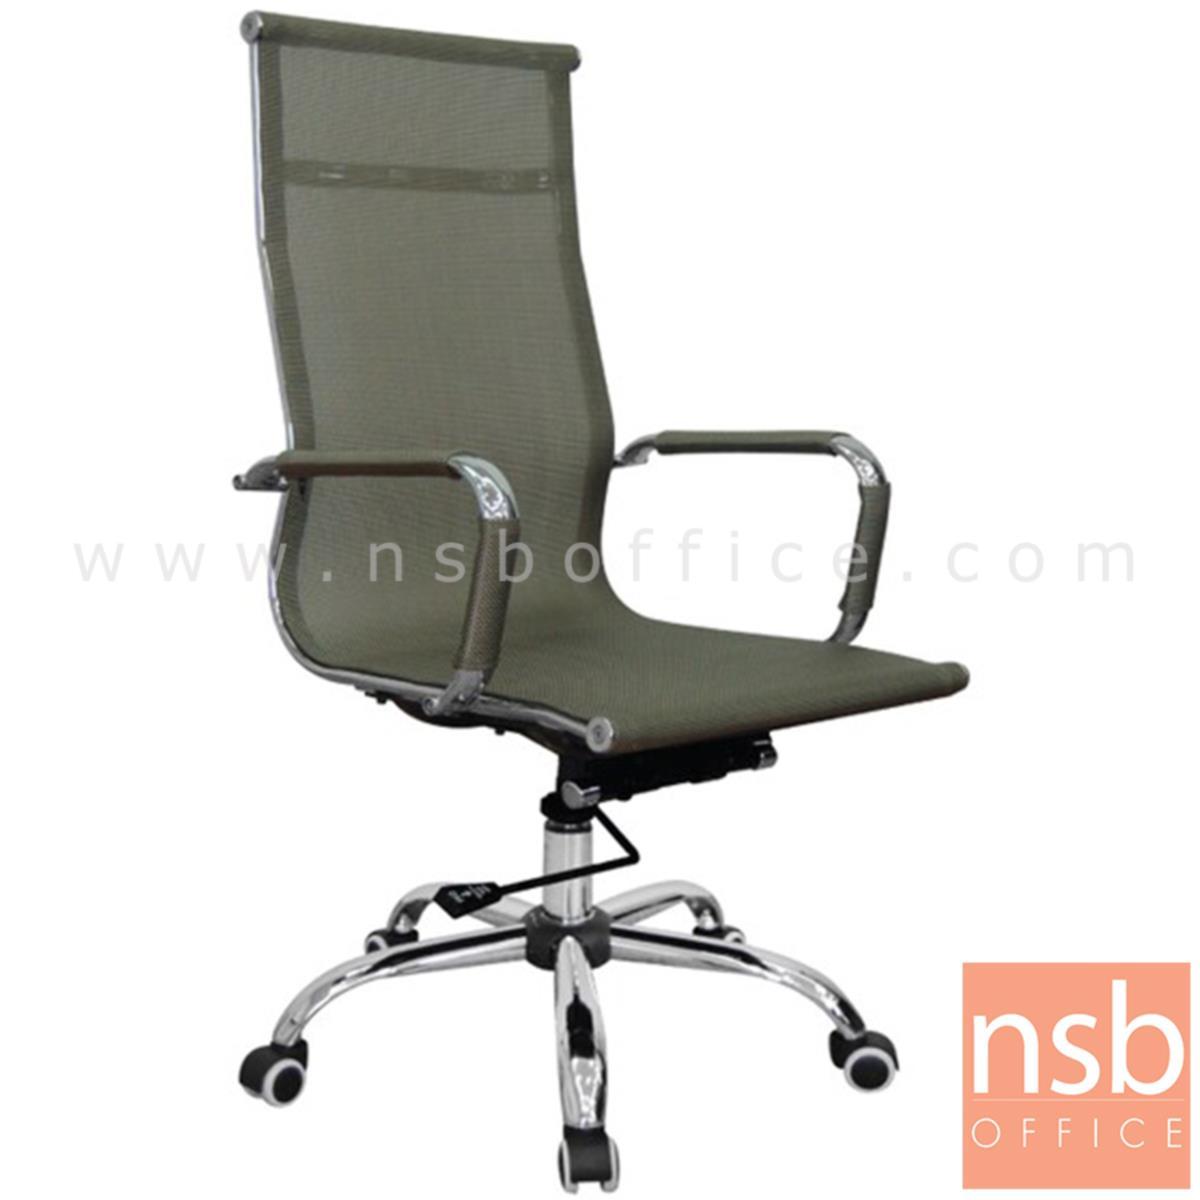 B28A101:เก้าอี้ผู้บริหารหลังเน็ต รุ่น X-MAS  โช๊คแก๊ส มีก้อนโยก ขาเหล็กชุบโครเมี่ยม